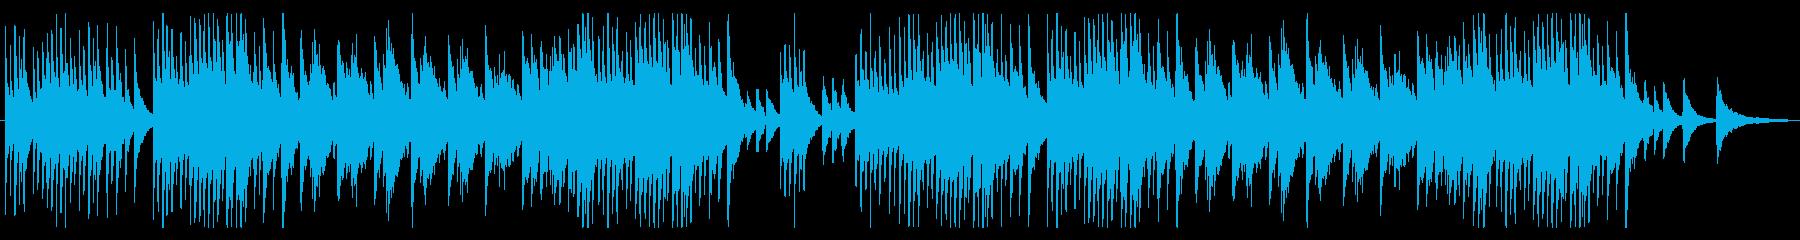 箏とピアノの和風で癒しの小品の再生済みの波形